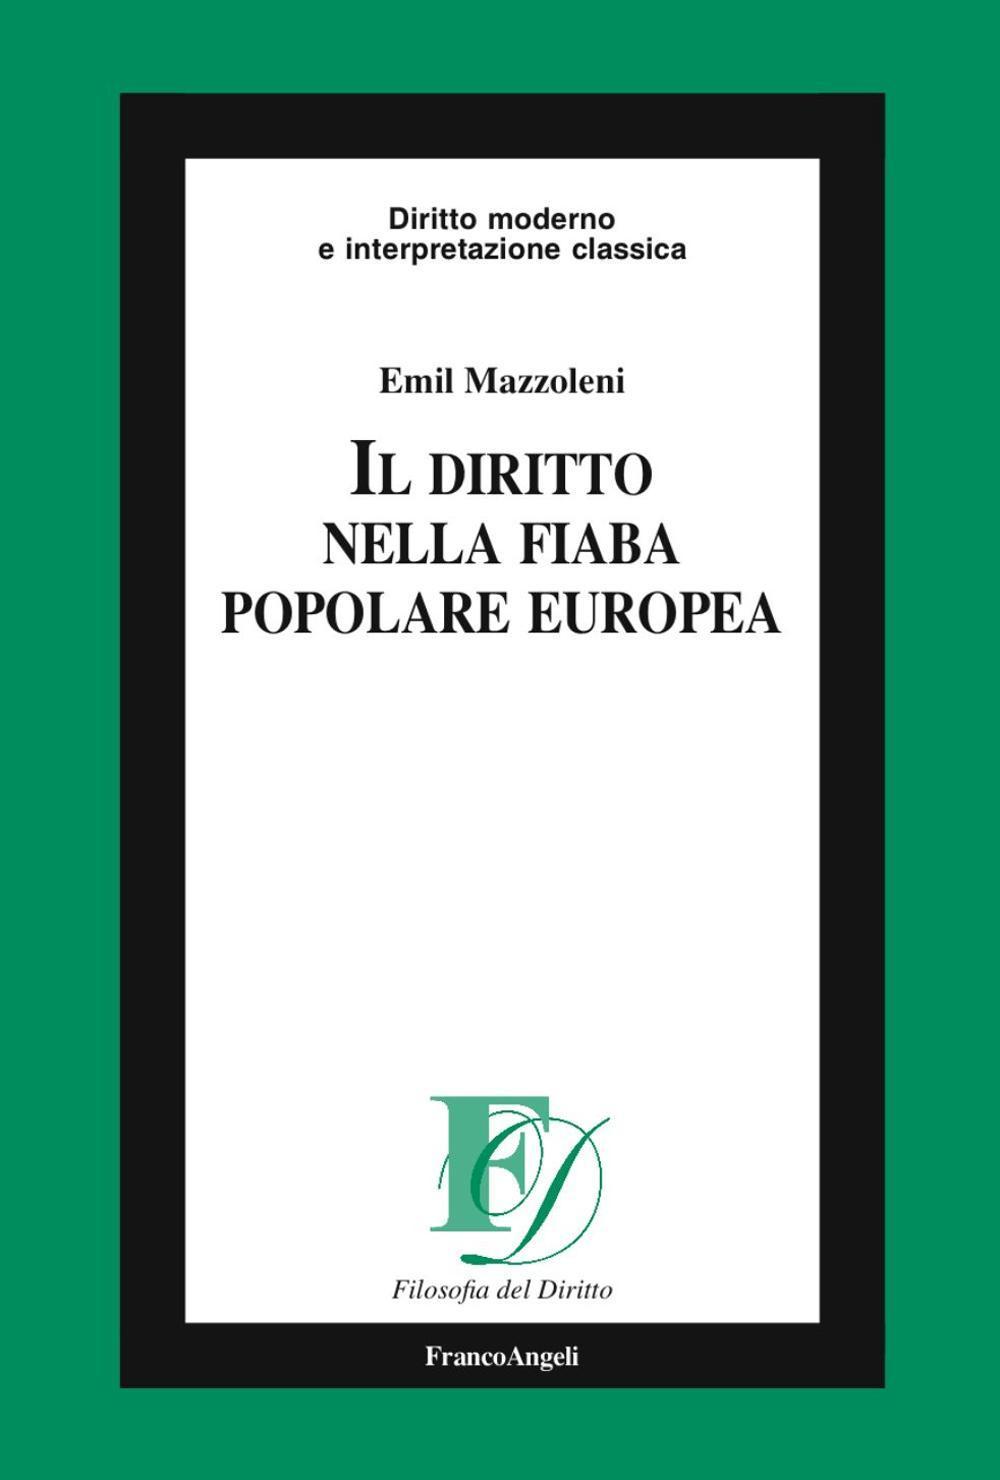 Il diritto nella fiaba popolare europea